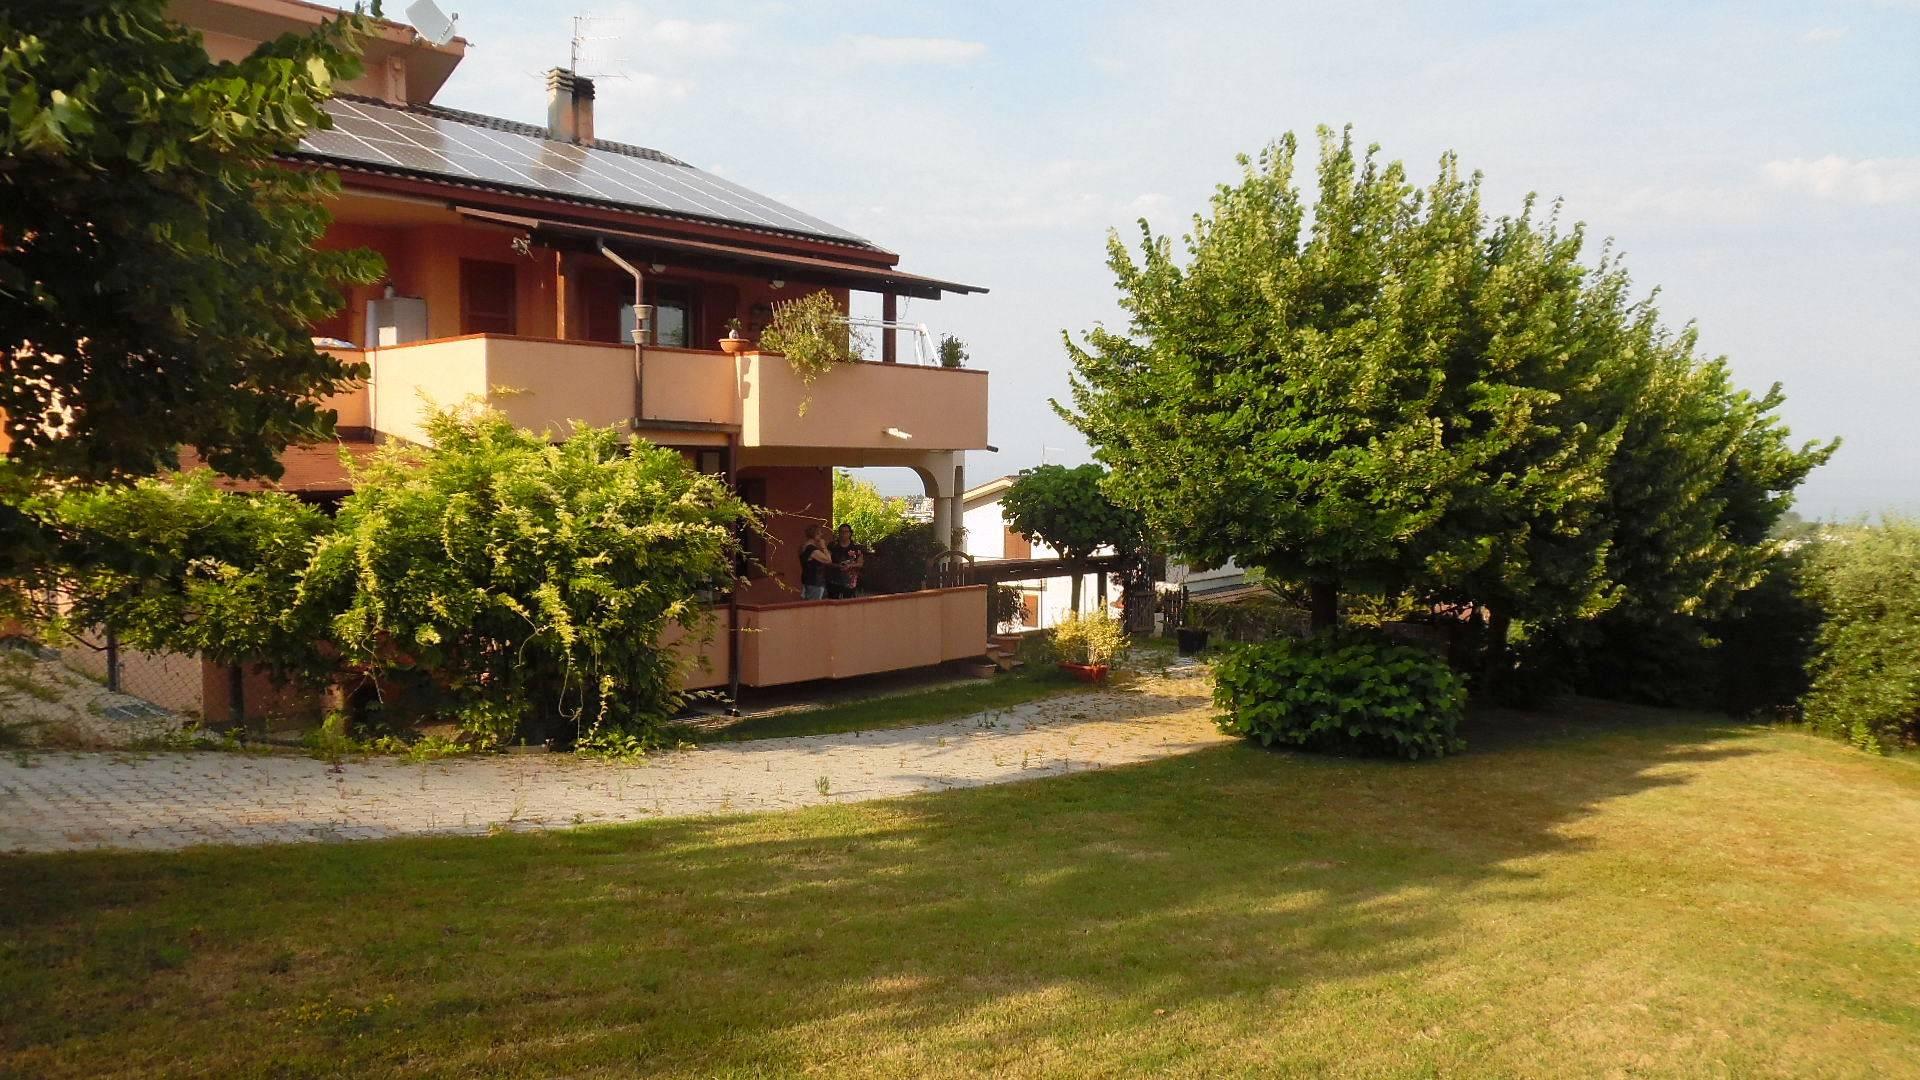 Villa in vendita a Martinsicuro, 15 locali, zona Località: Residenziale, prezzo € 700.000 | CambioCasa.it